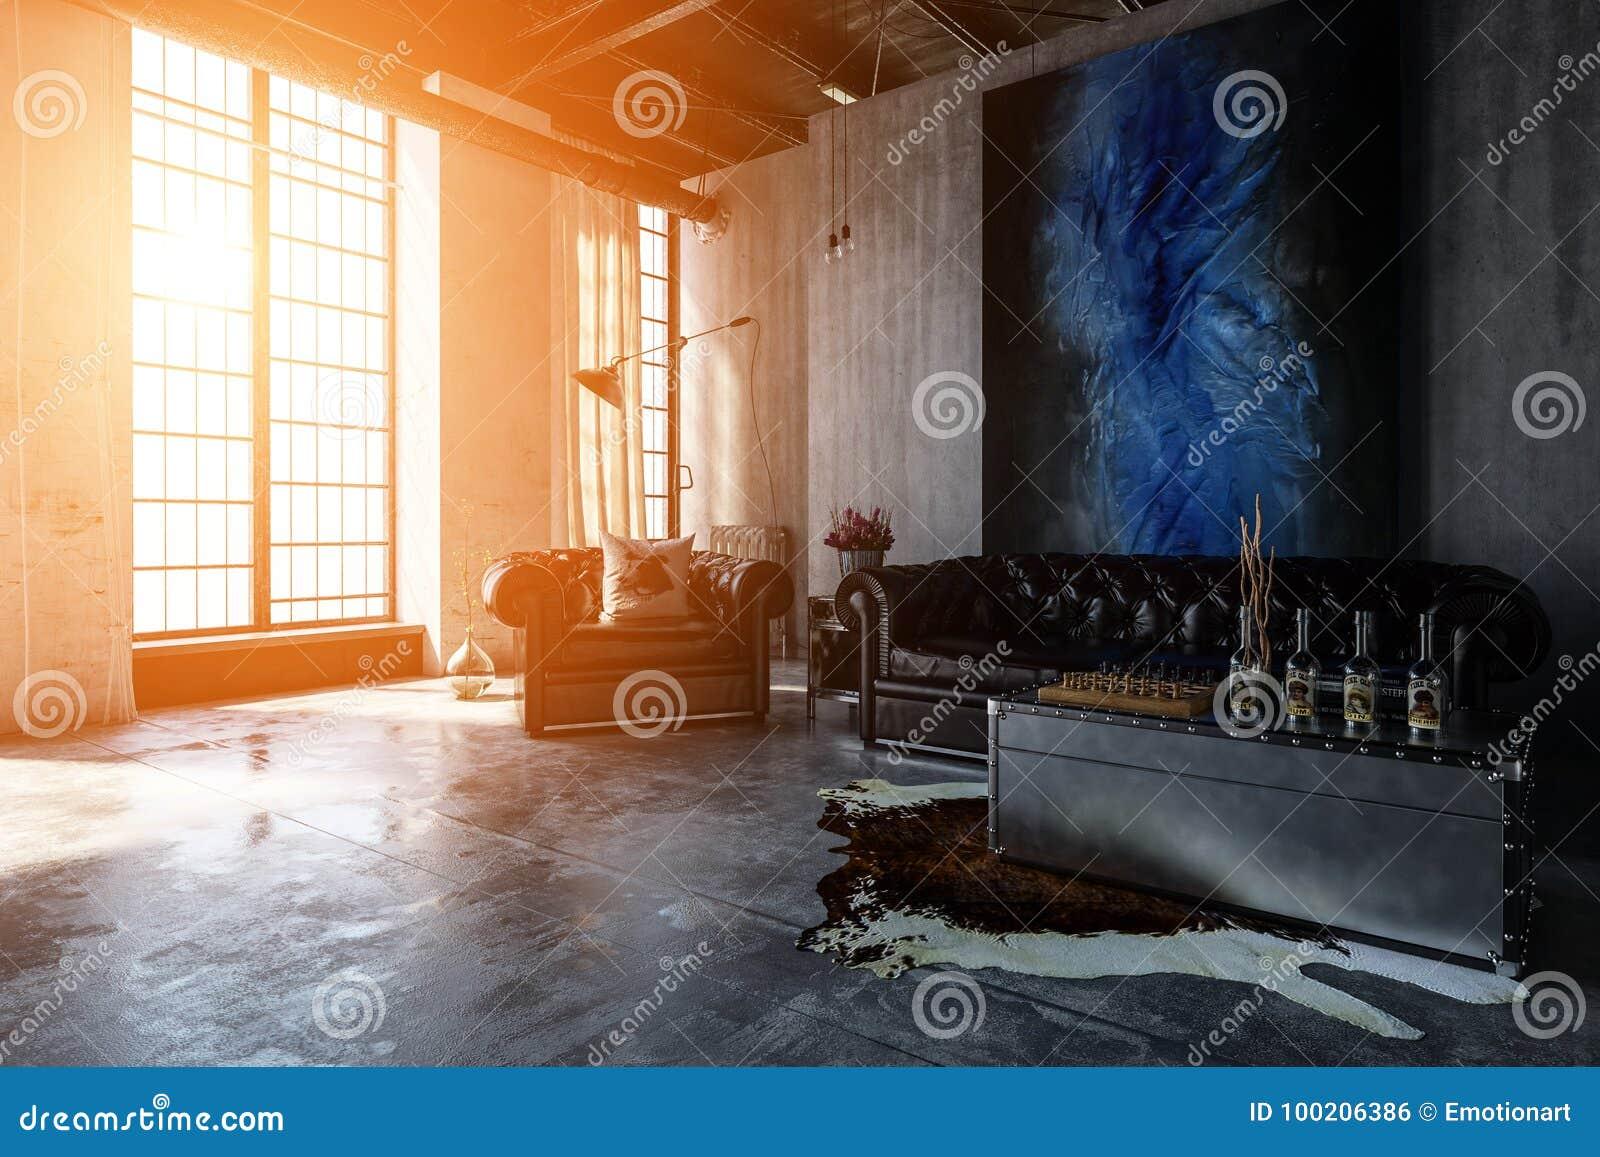 Opgepoetste concrete woonkamer met heldere vensters